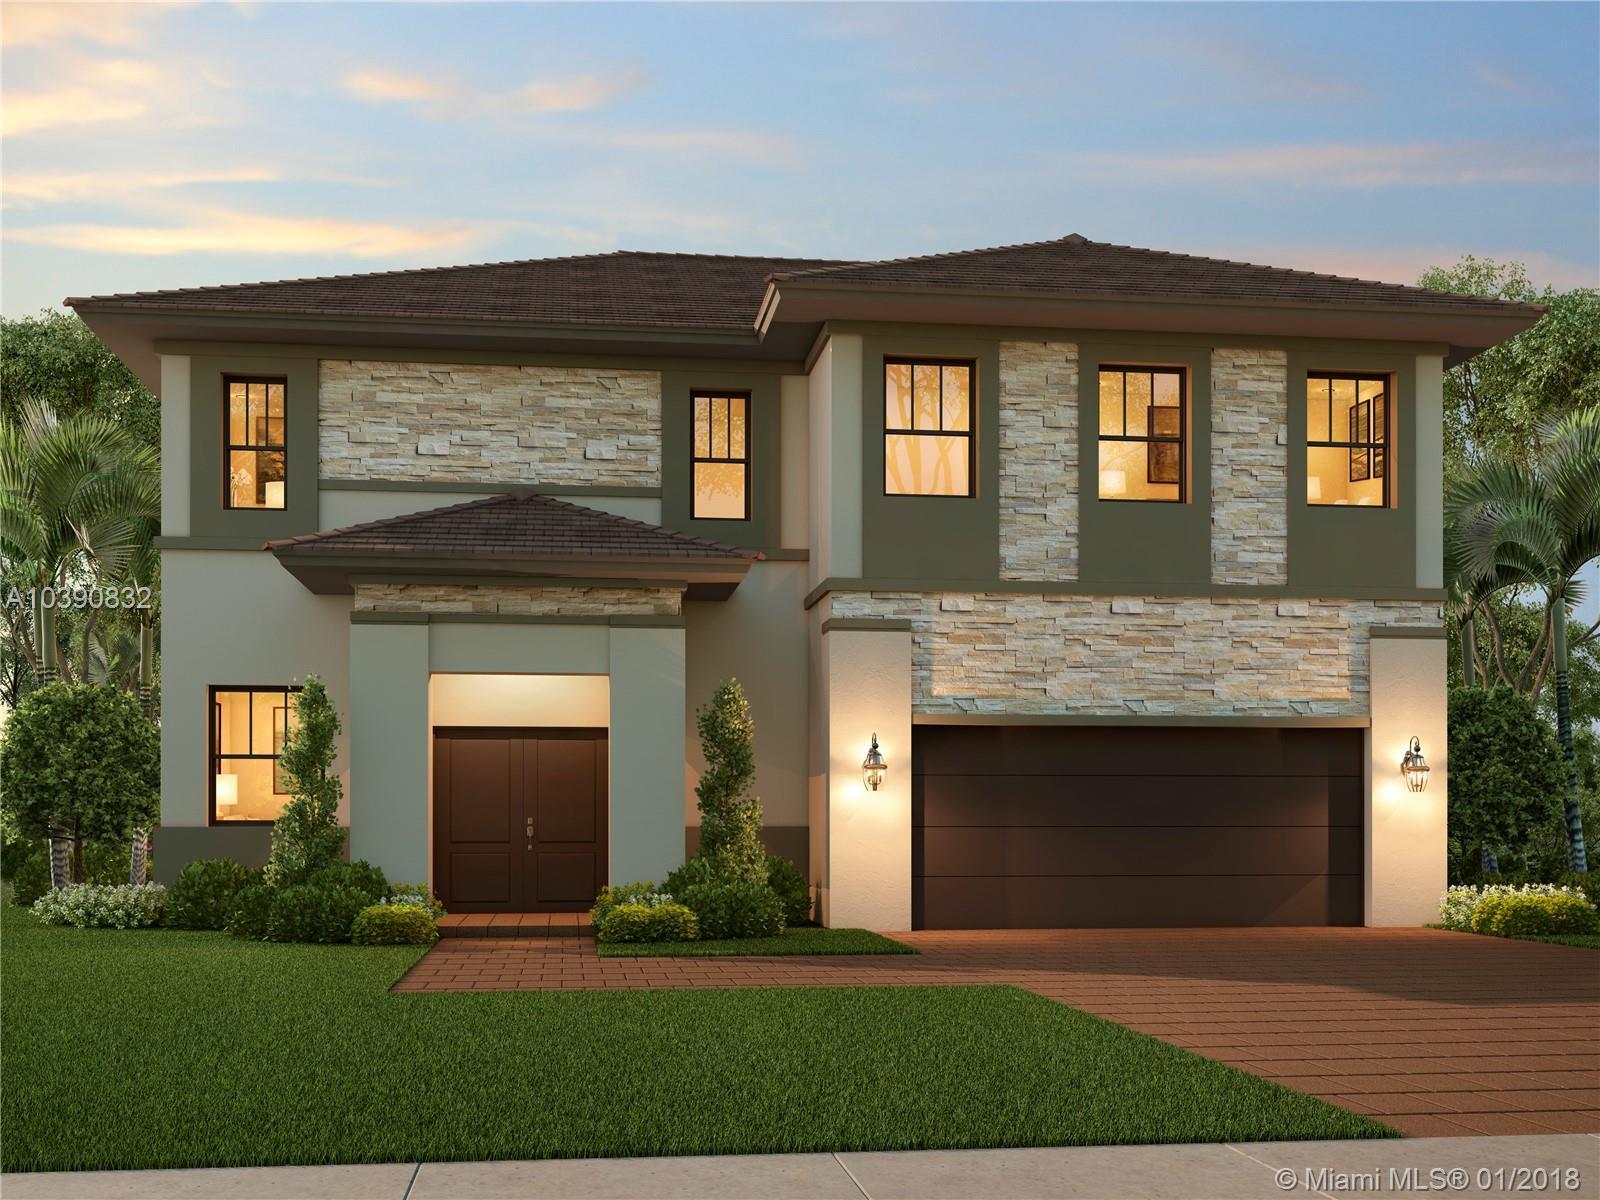 4413 Sw 159 Ct, Miami FL, 33196